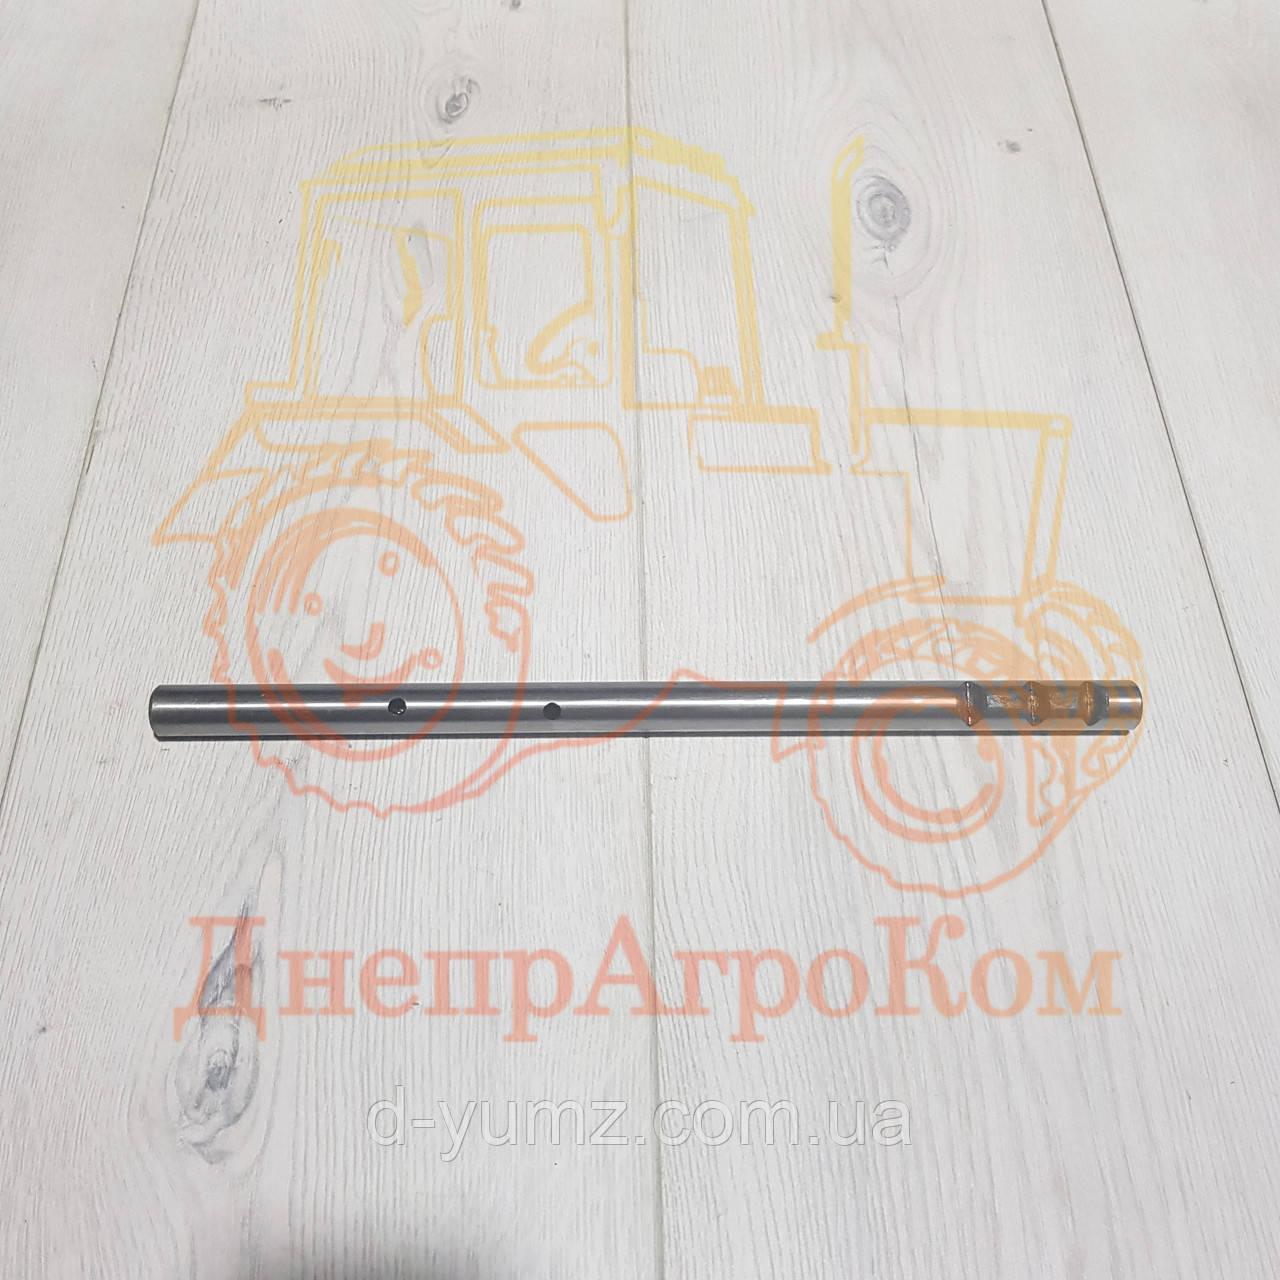 Валик ЮМЗ переключения 3 и 5 передач   пр-во Украина   40-1702062